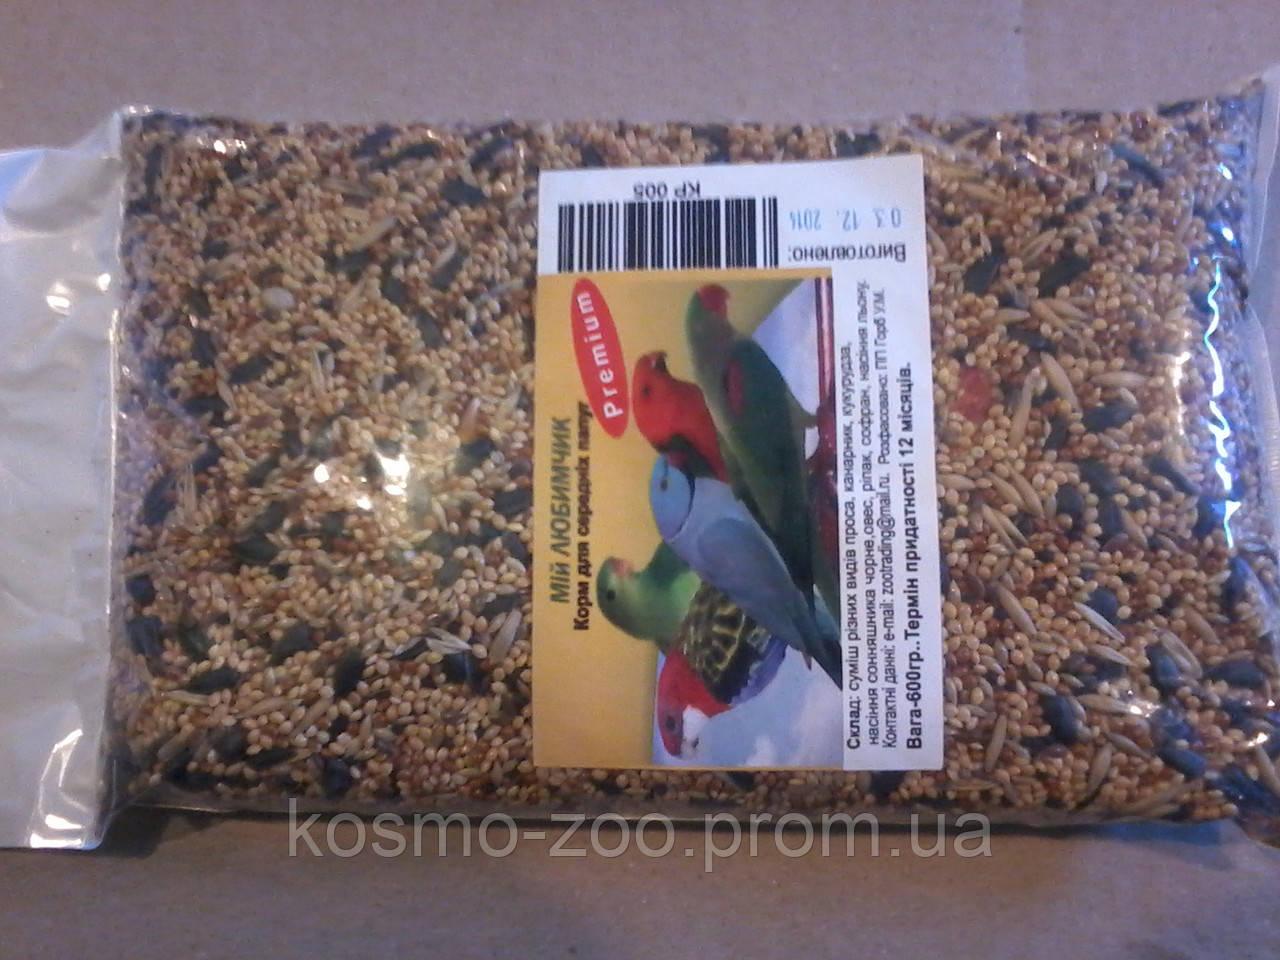 Корм для средних попугаев, Мой Любимчик Премиум, 600 гр